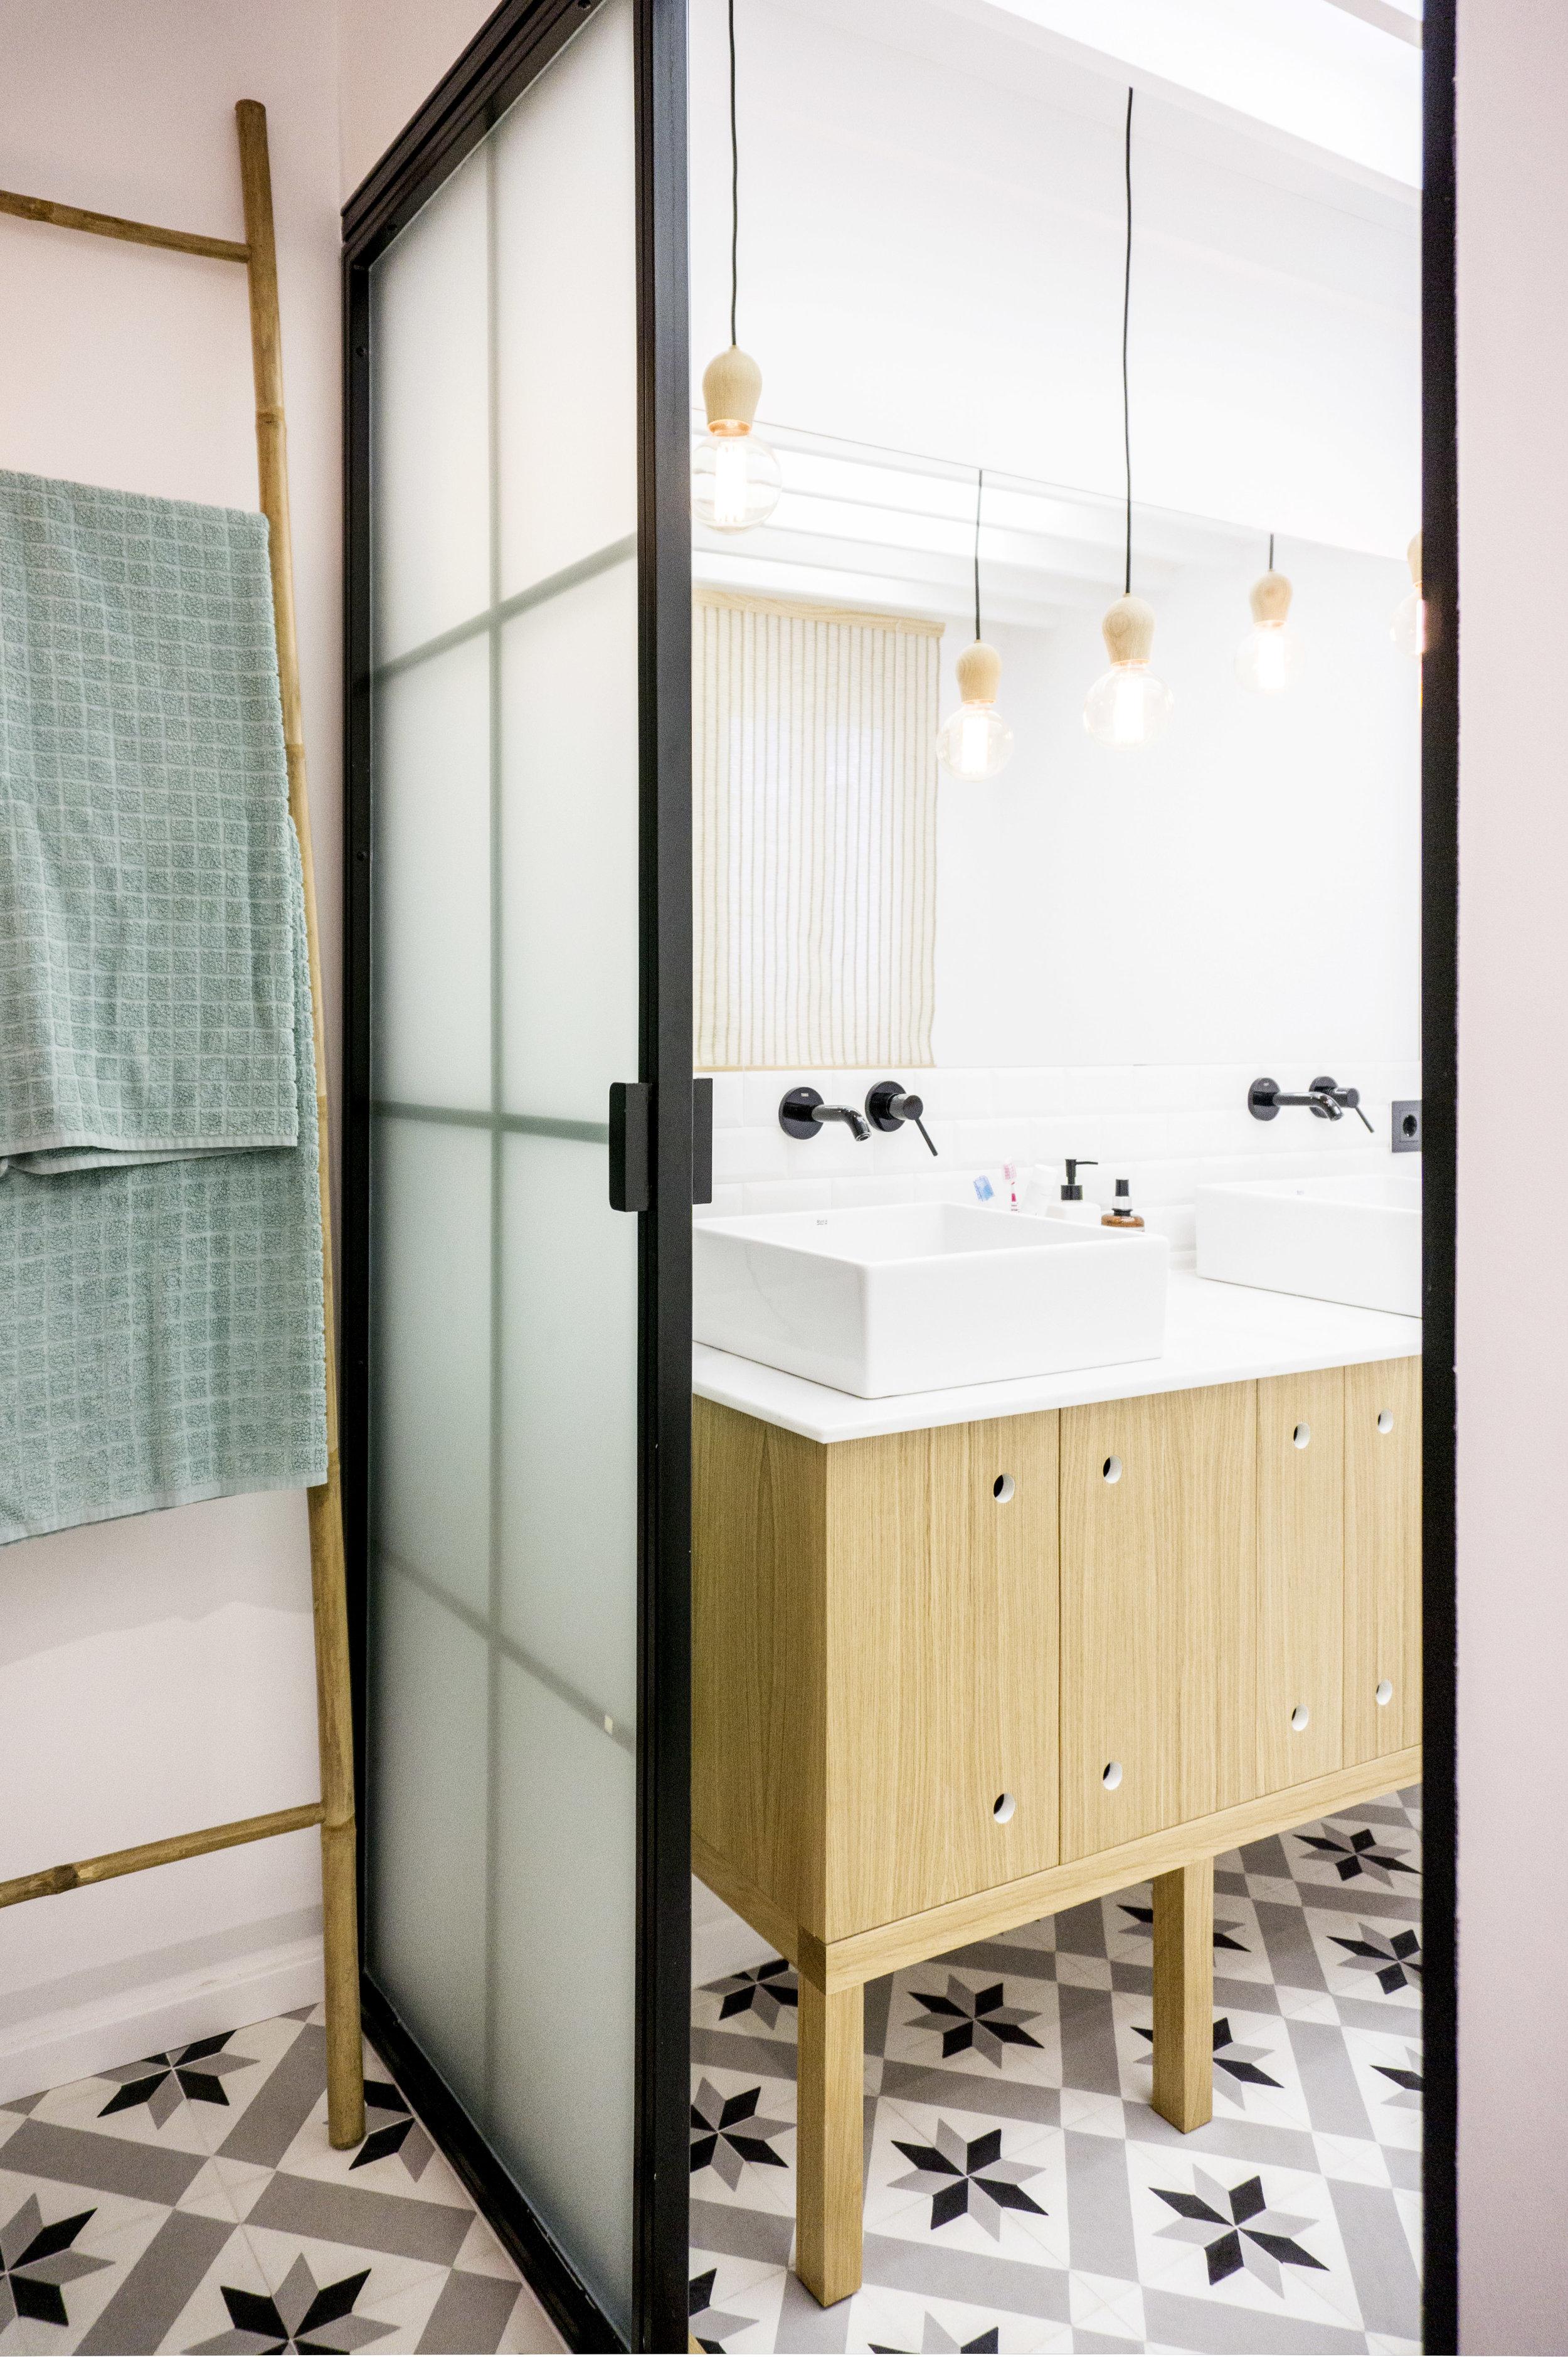 emmme studio AD detalle baño principal el hogar de Laura y Pedro.jpg